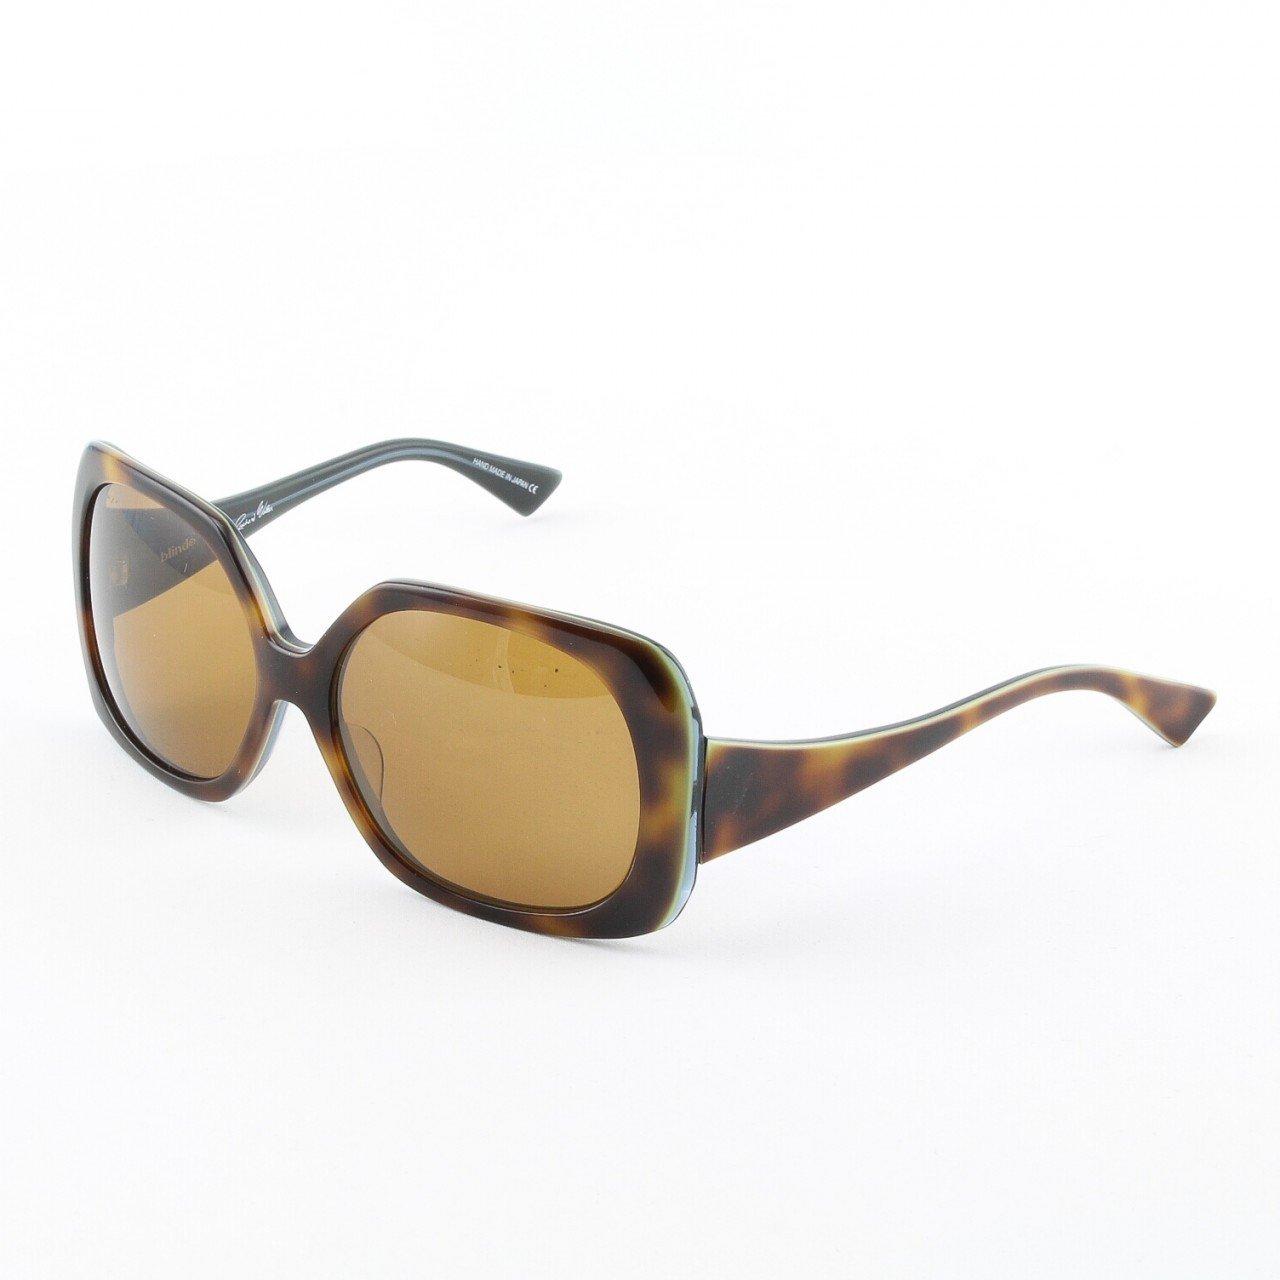 Blinde Sweet Vendetta Women's Sunglasses Col. Forest Tortoise